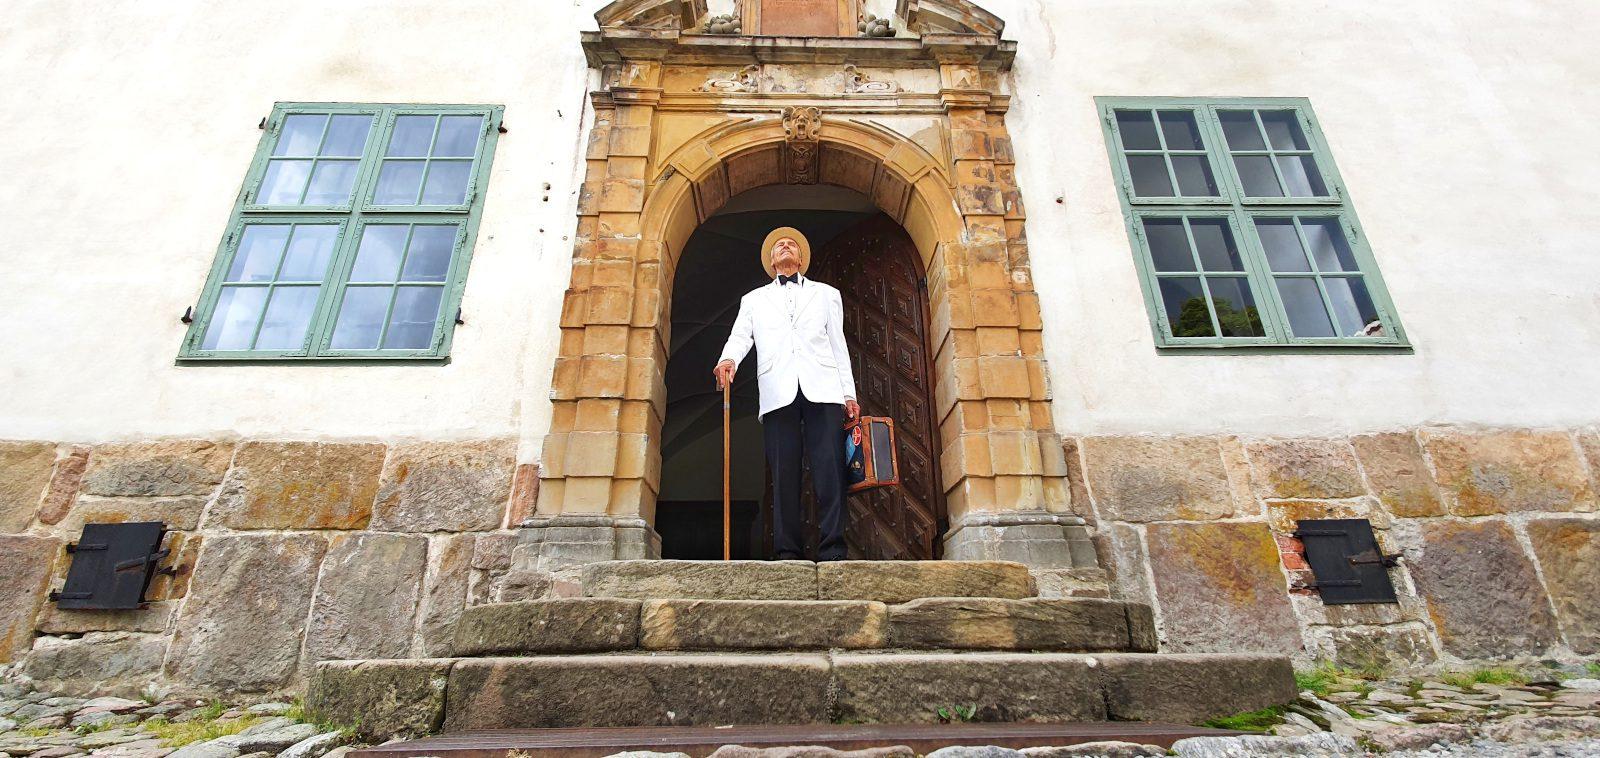 Louhisaaren kartanon koristeellisen kivisen pääoven edessä seisoo Mannerheimiksi pukeutunut miesnäyttelijä Petri Rajala, valkoinen takki päällä, kävelykeppi ja matkalaukku käsissään.